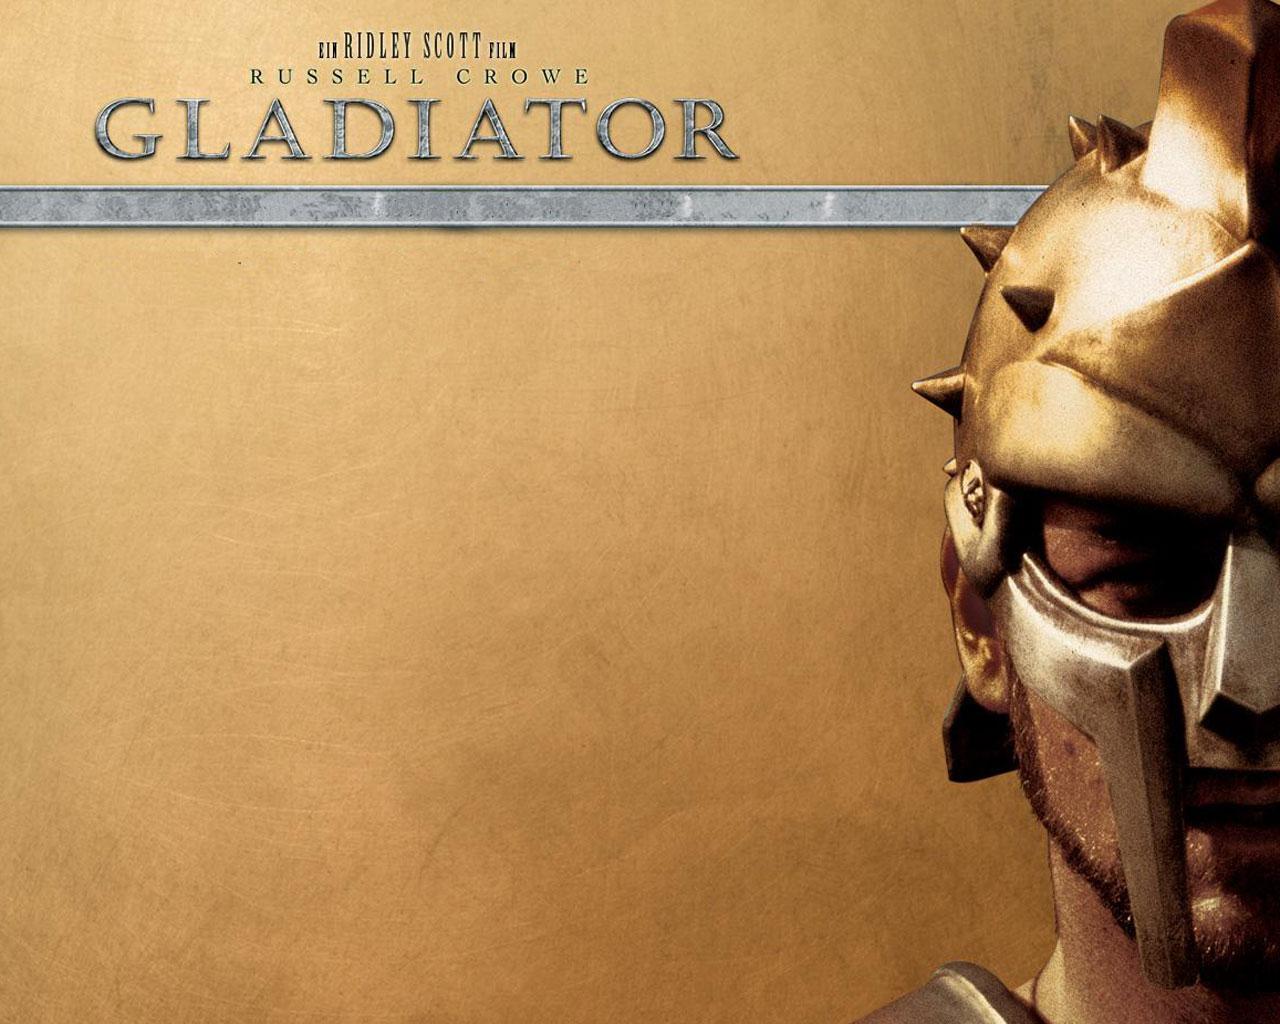 Best movie - Gladiator 1280x1024 Wallpaper #4